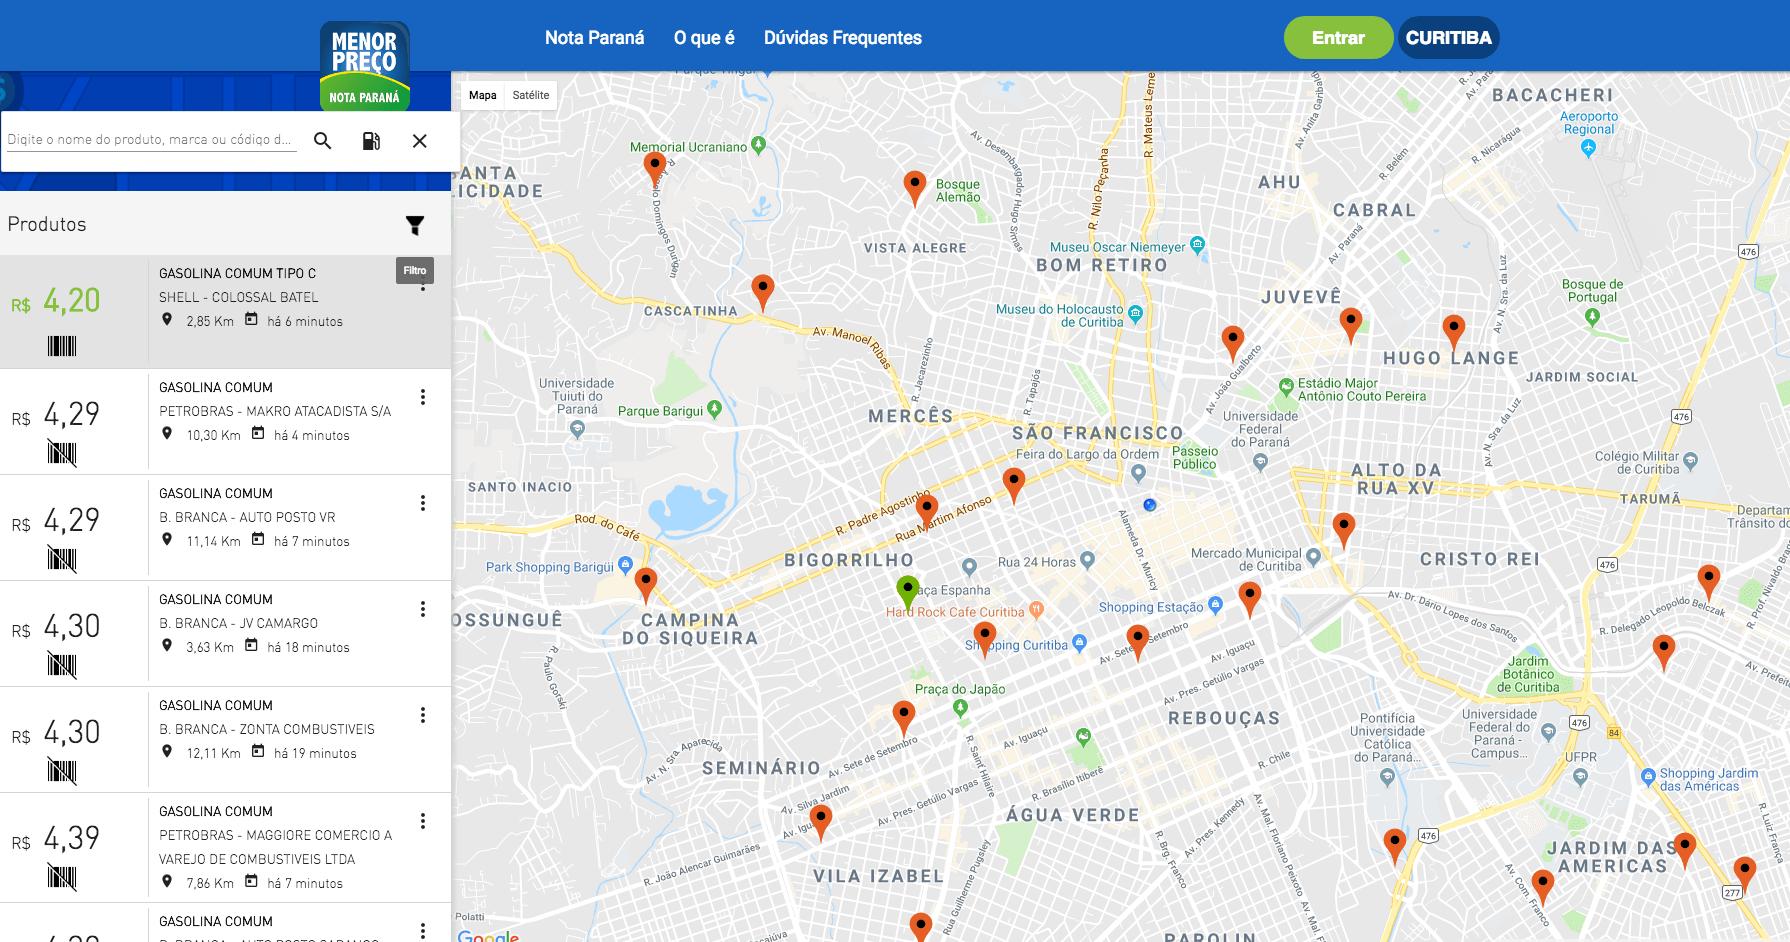 """Veja onde tem um posto com gasolina perto de você em Curitiba: app e site """"Menor Preço"""" do Nota Paraná têm mapa com últimas compras em postos de combustível com atualização minuto a minuto."""